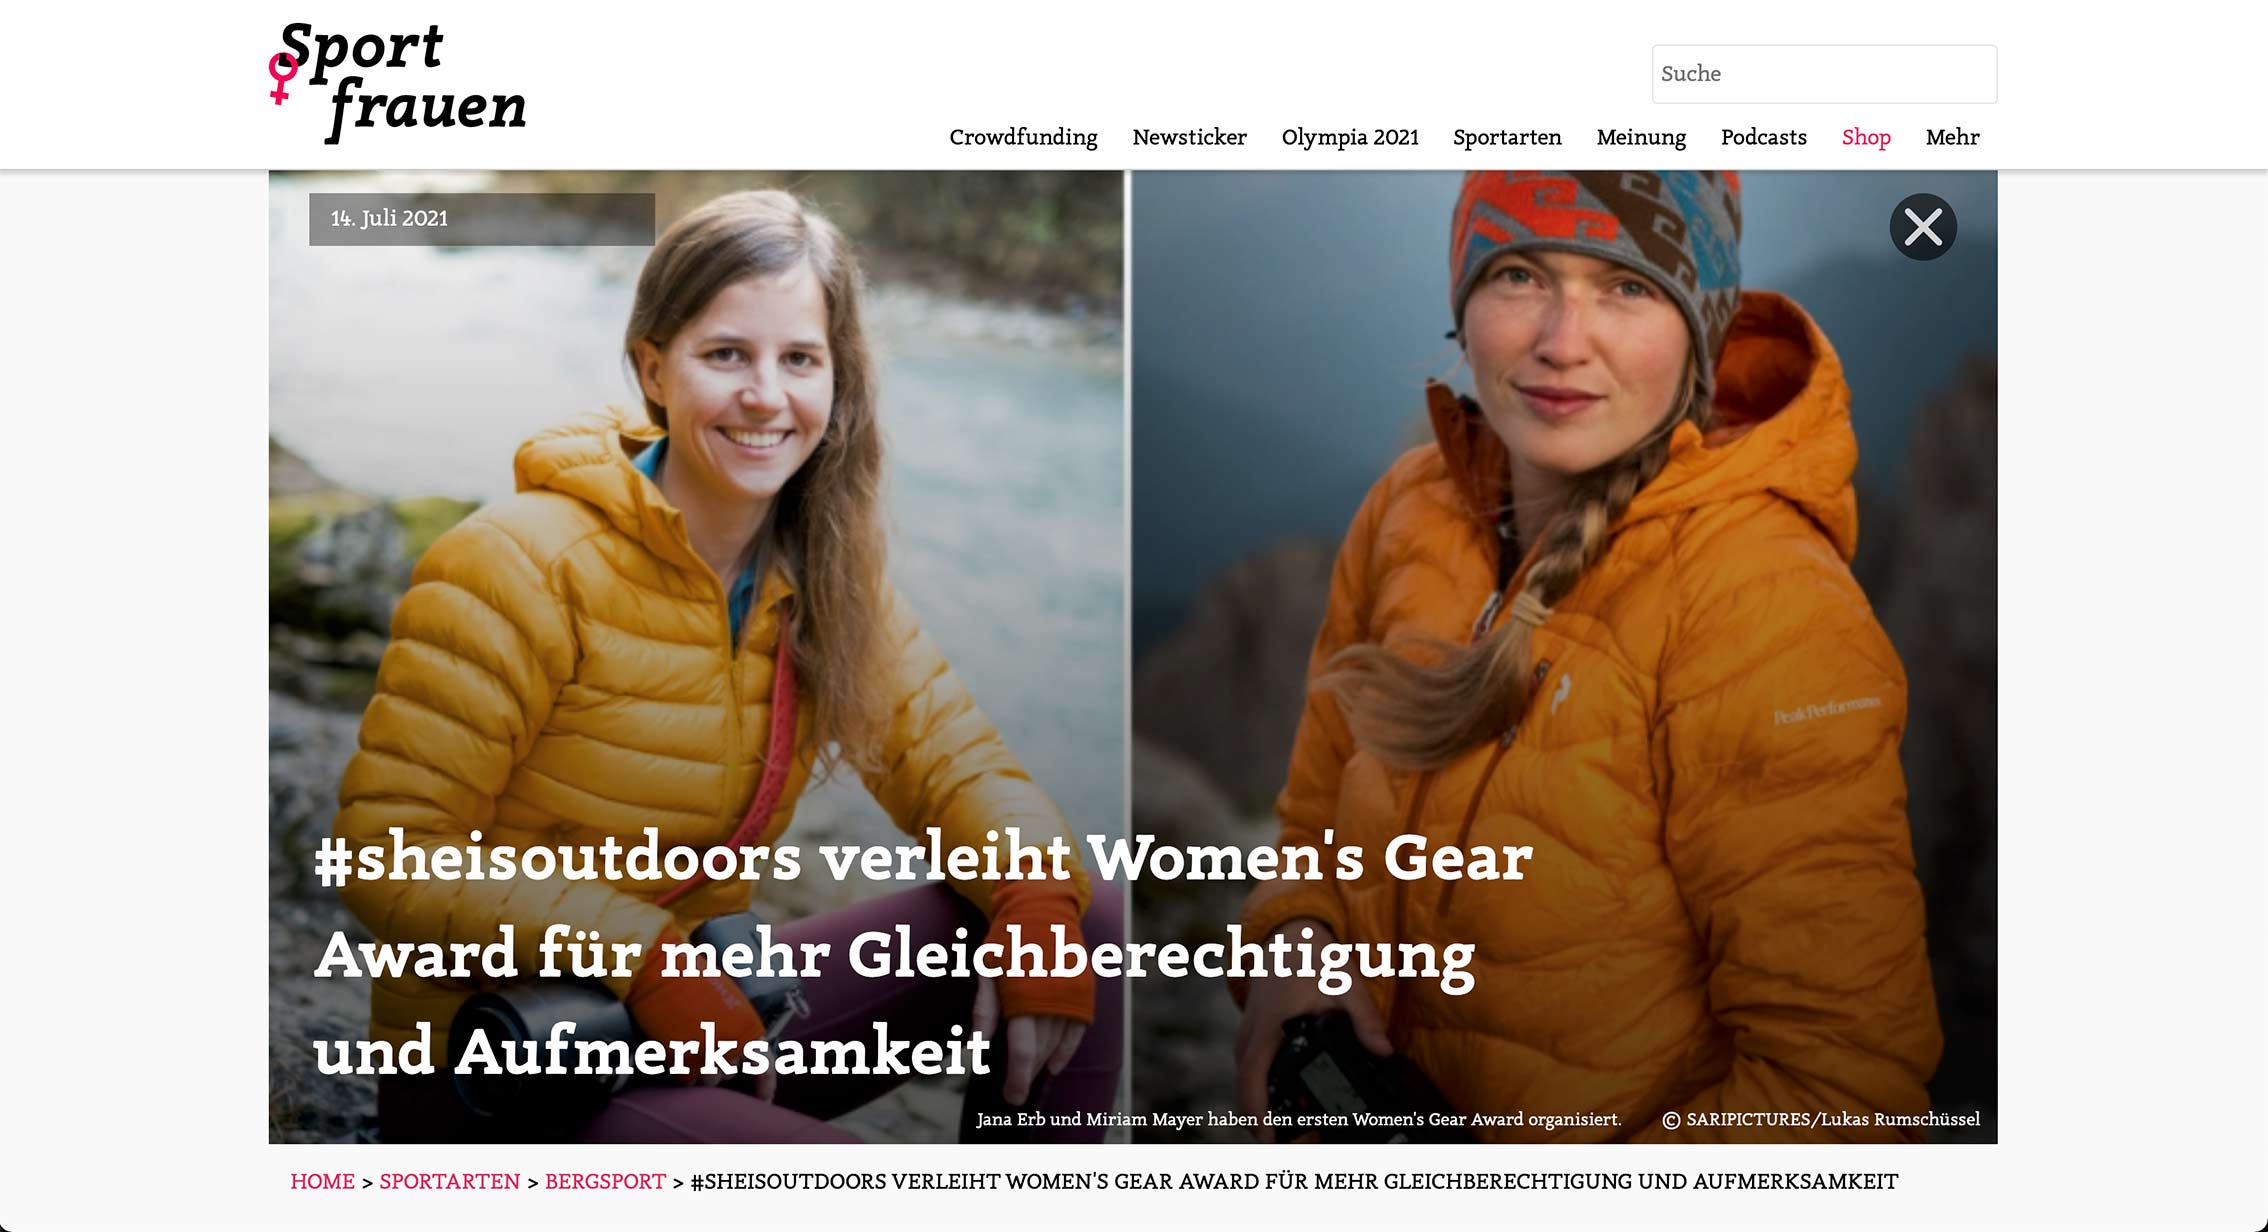 Tearsheet Sportfrauen